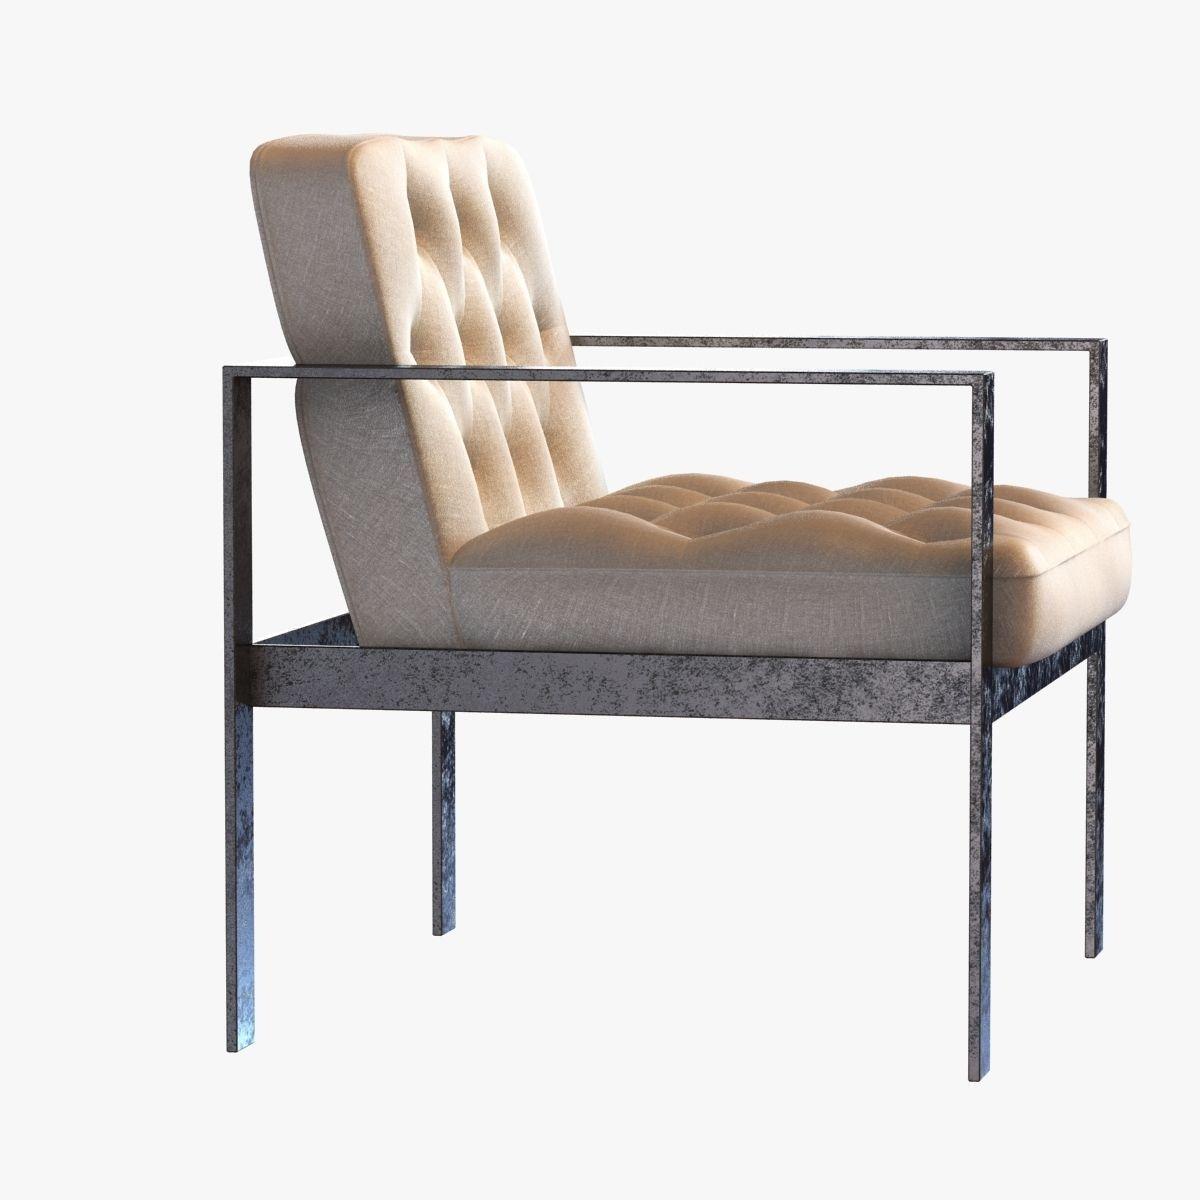 Marx Chair Noir Furniture 3d Model Max Obj 3ds Fbx